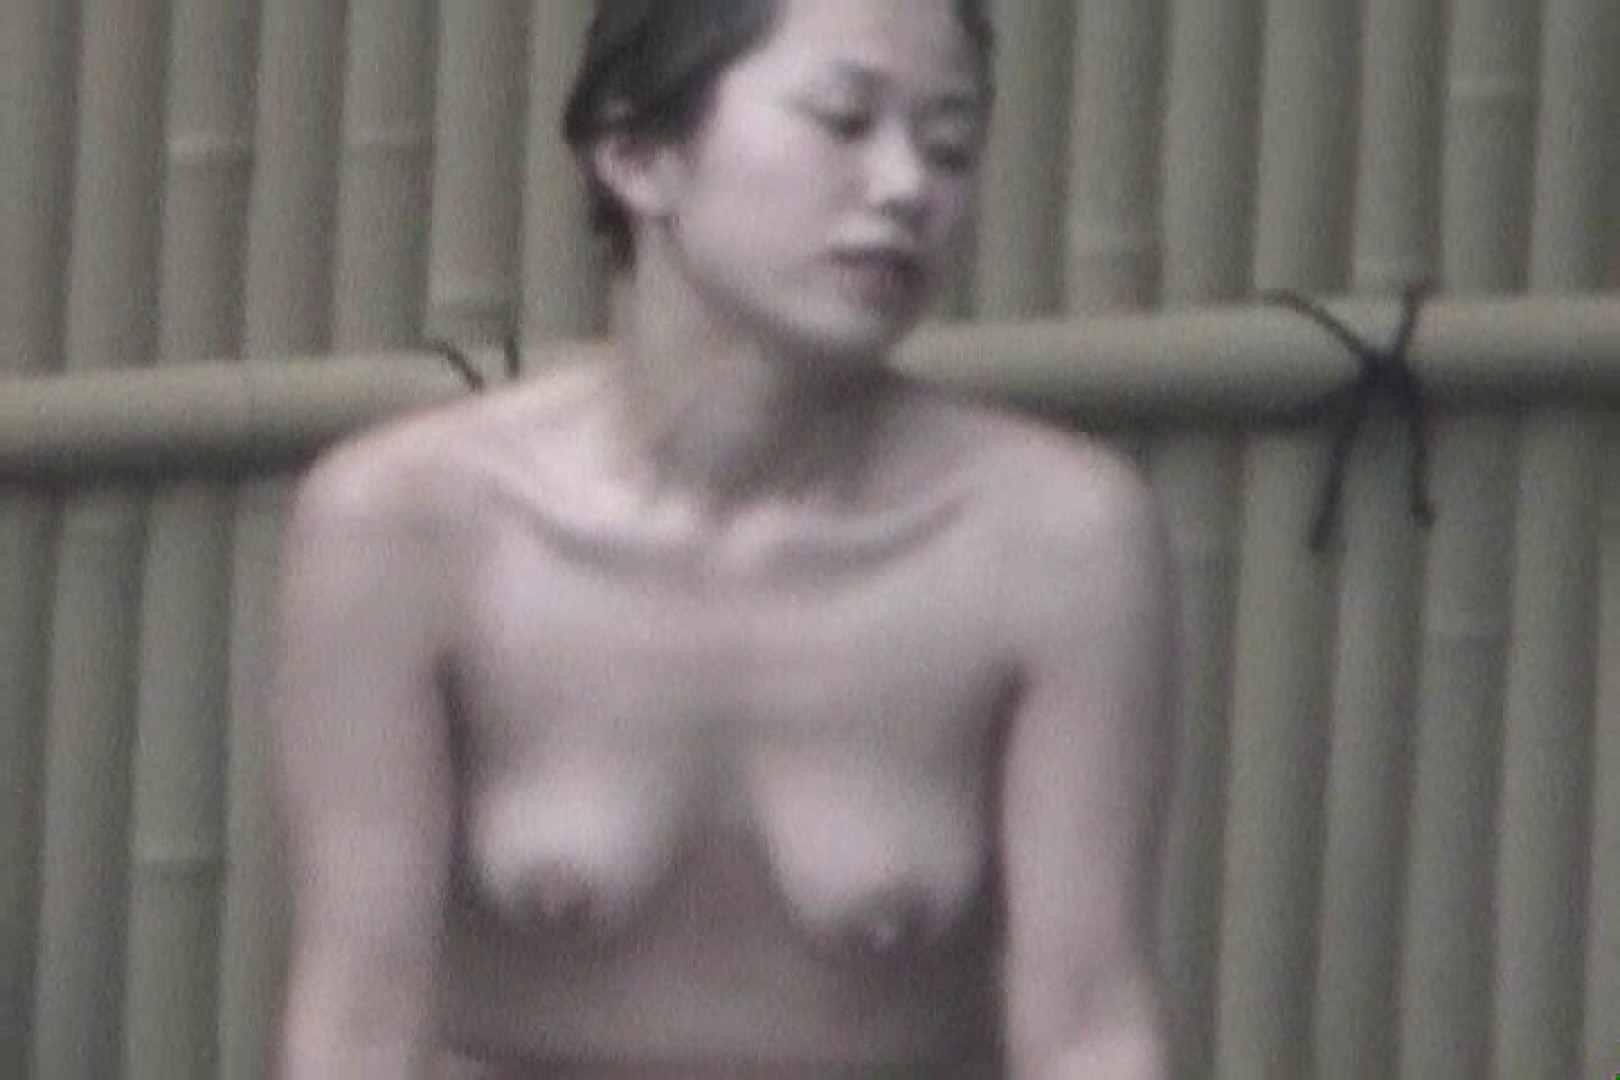 Aquaな露天風呂Vol.555 OLのエロ生活 | 盗撮  46連発 40